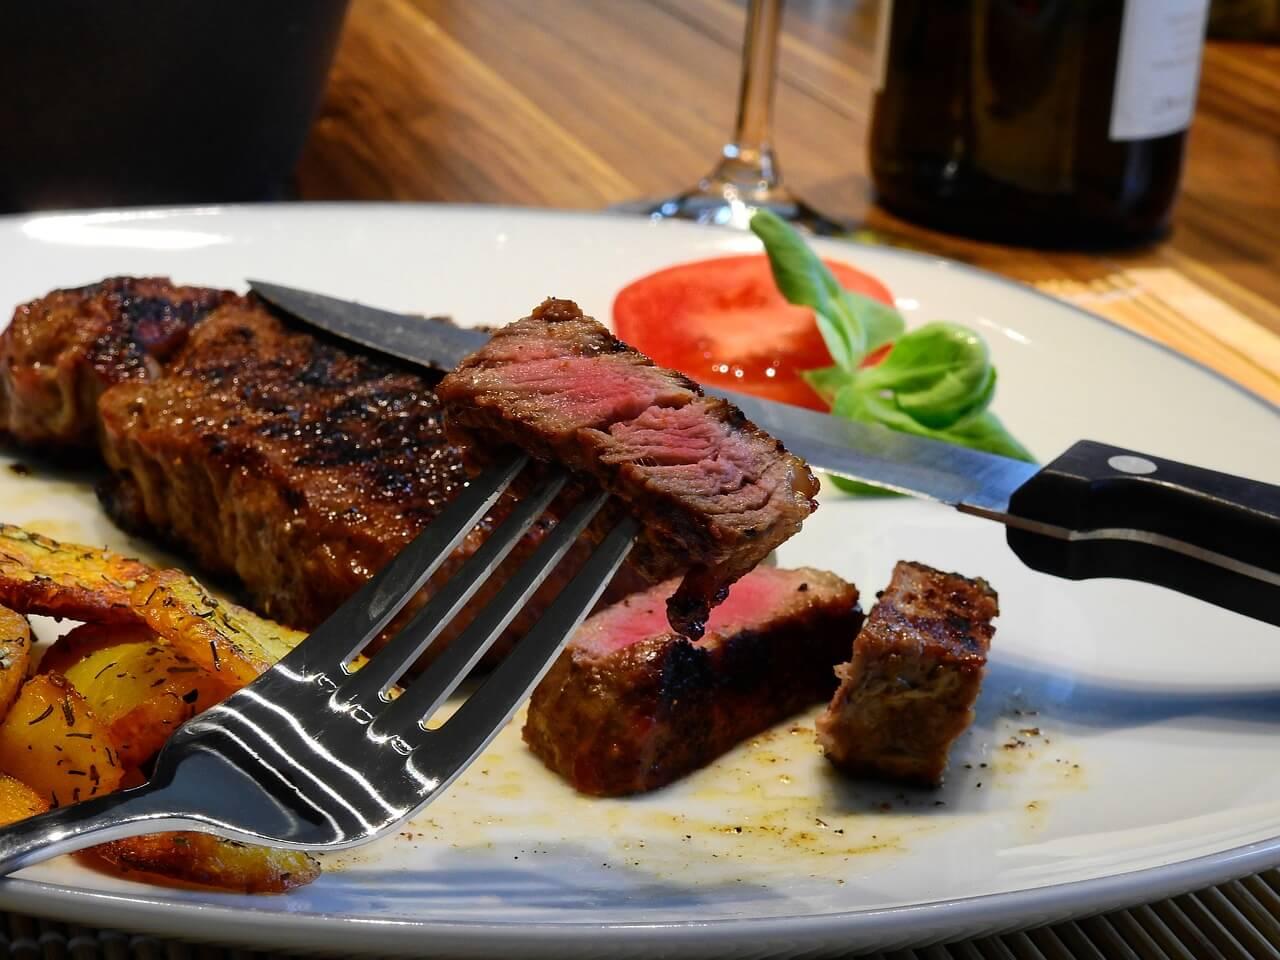 Quanta carne vermelha é OK para comer?